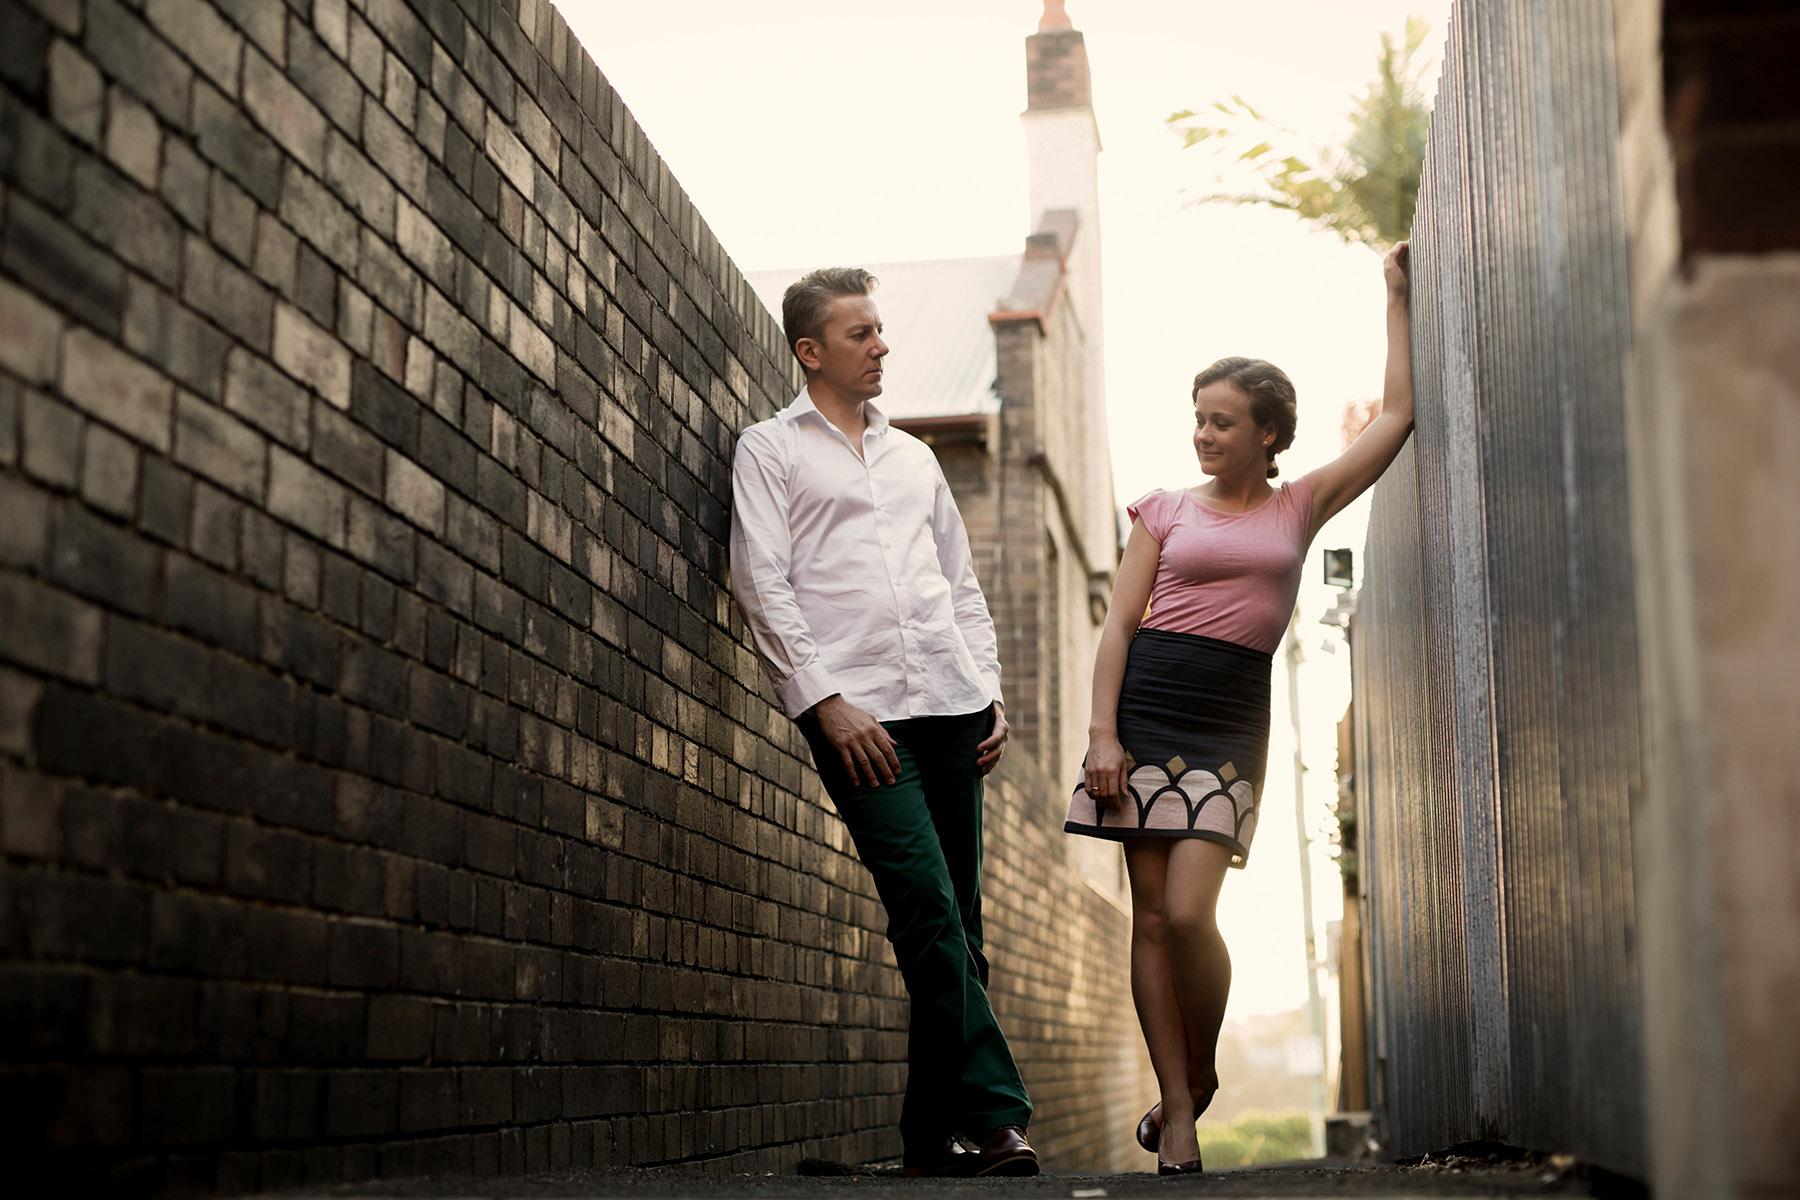 couple, portrait, photography, Sydney, Arianwen Parkes-Lockwood, Marcello Fabrizi